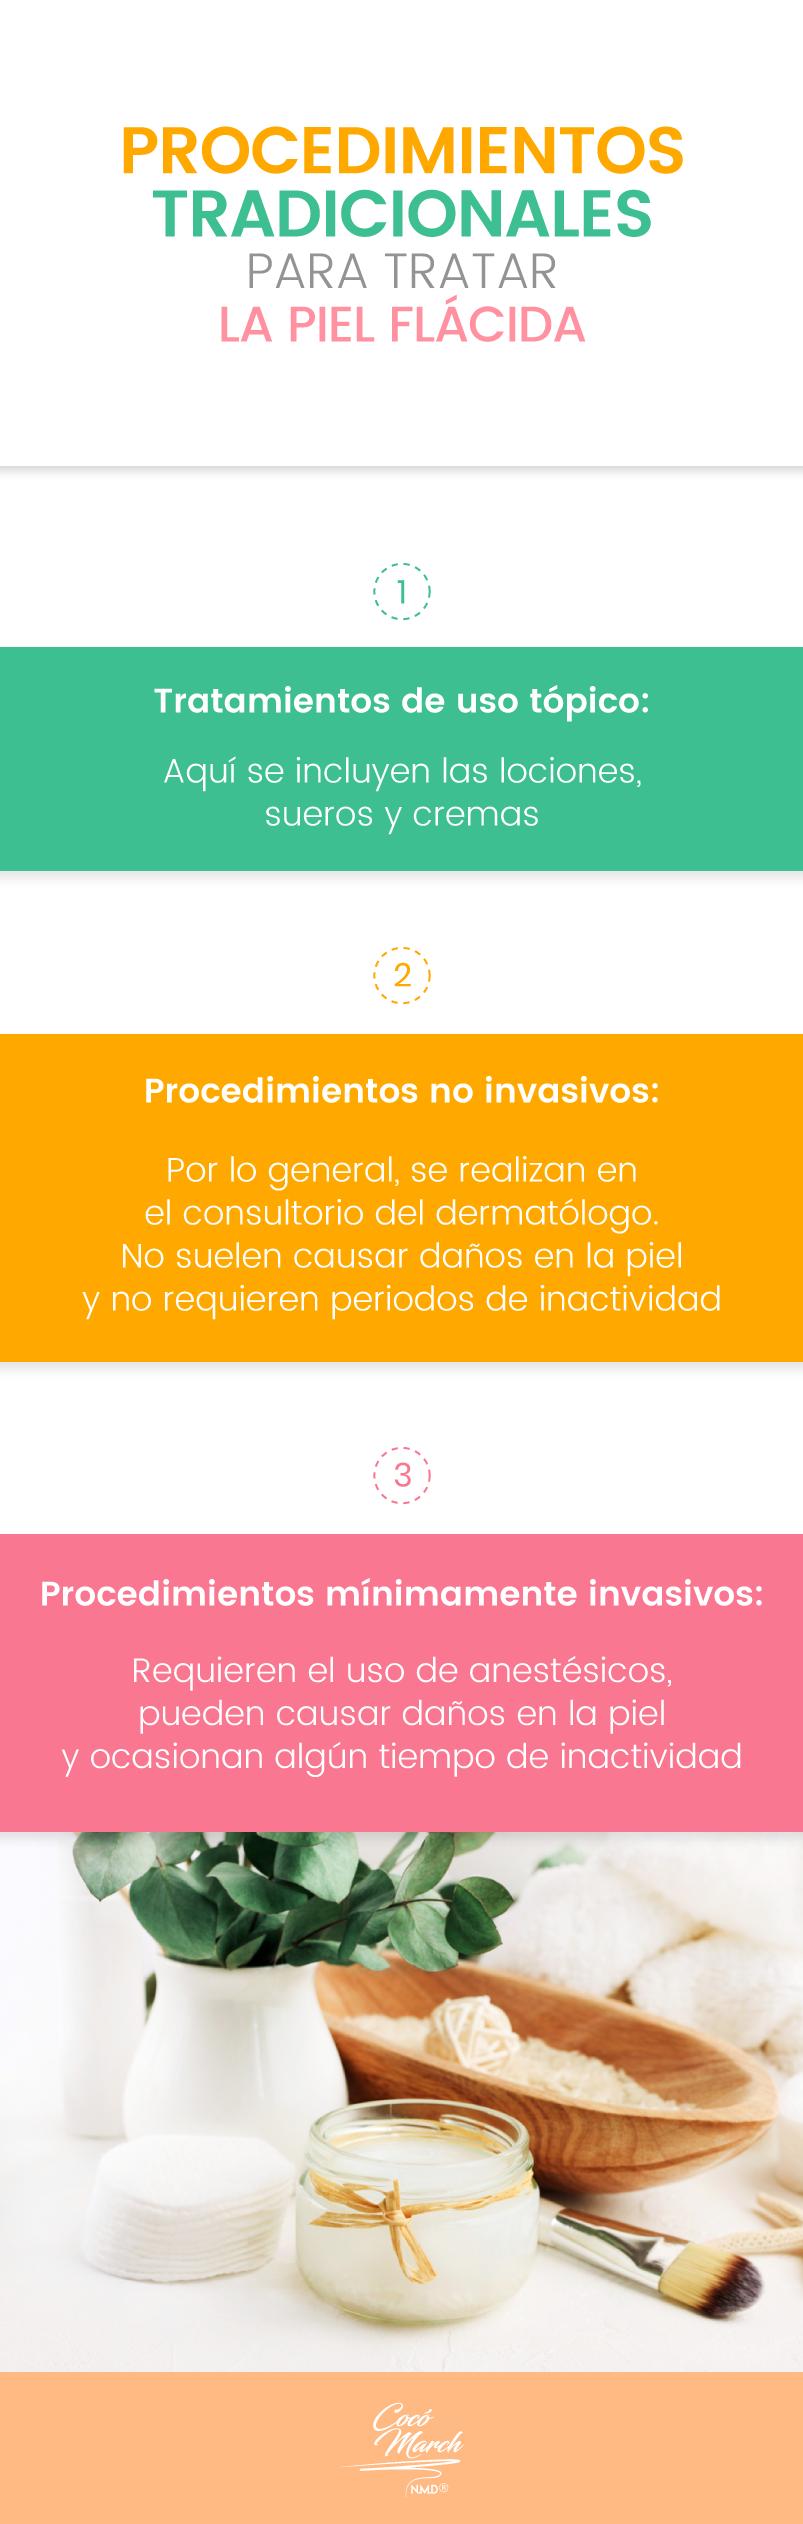 procedimientos-tradicionales-para-piel-flacida